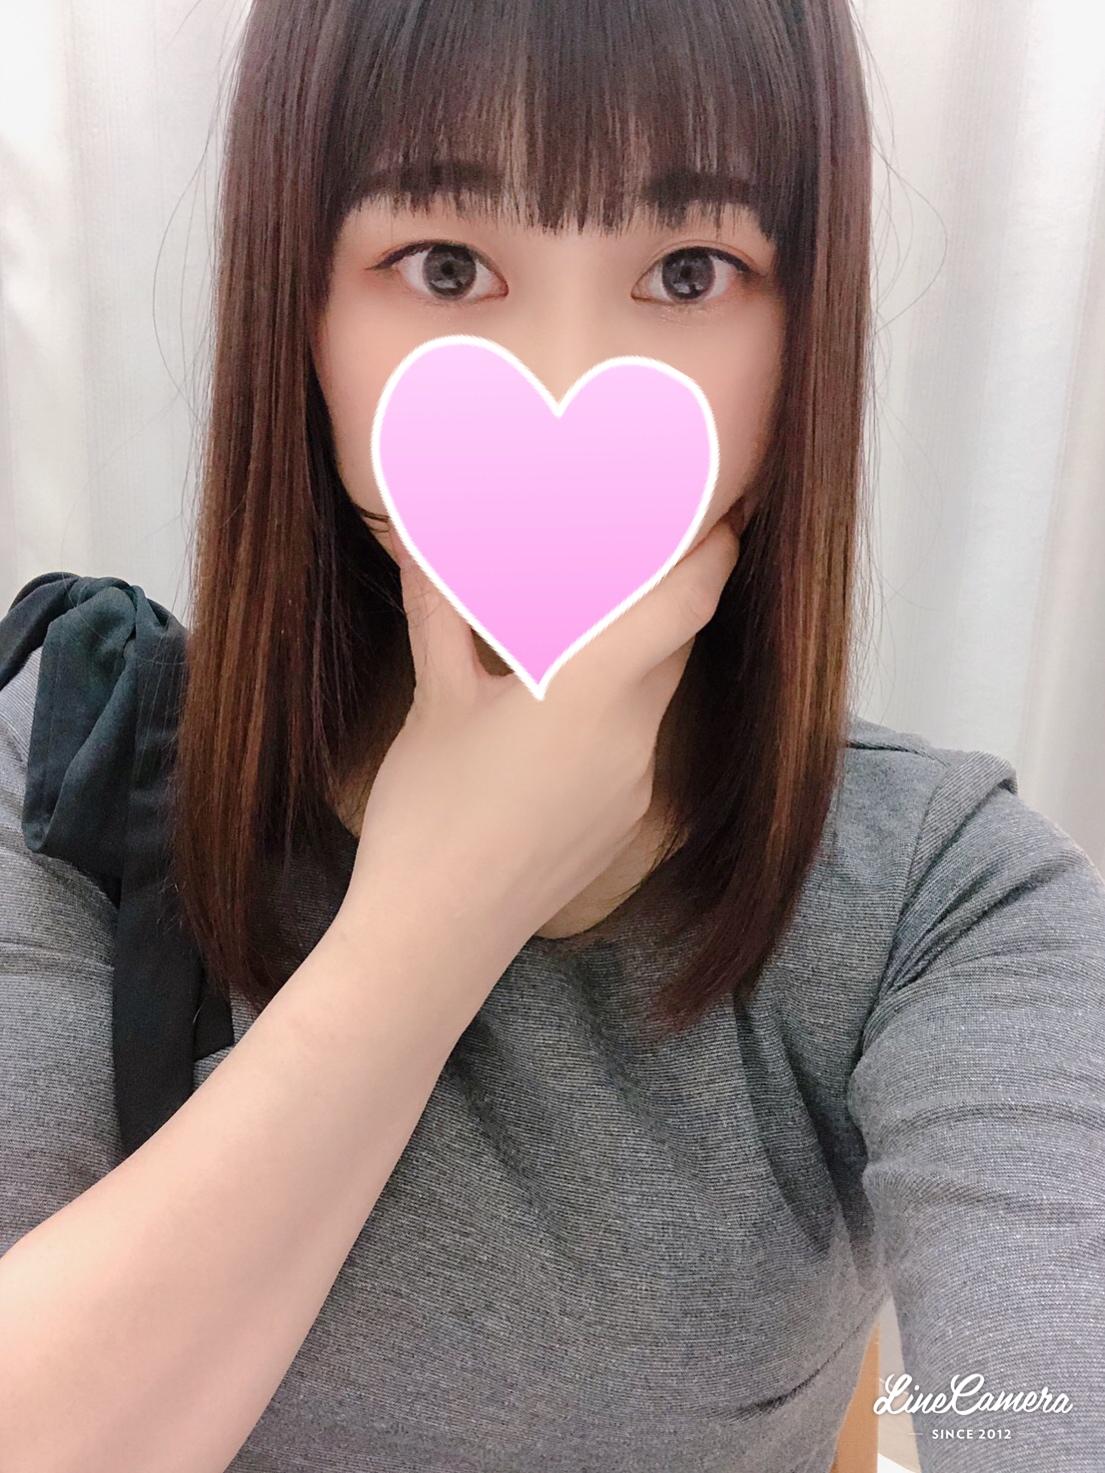 ユノ(21)